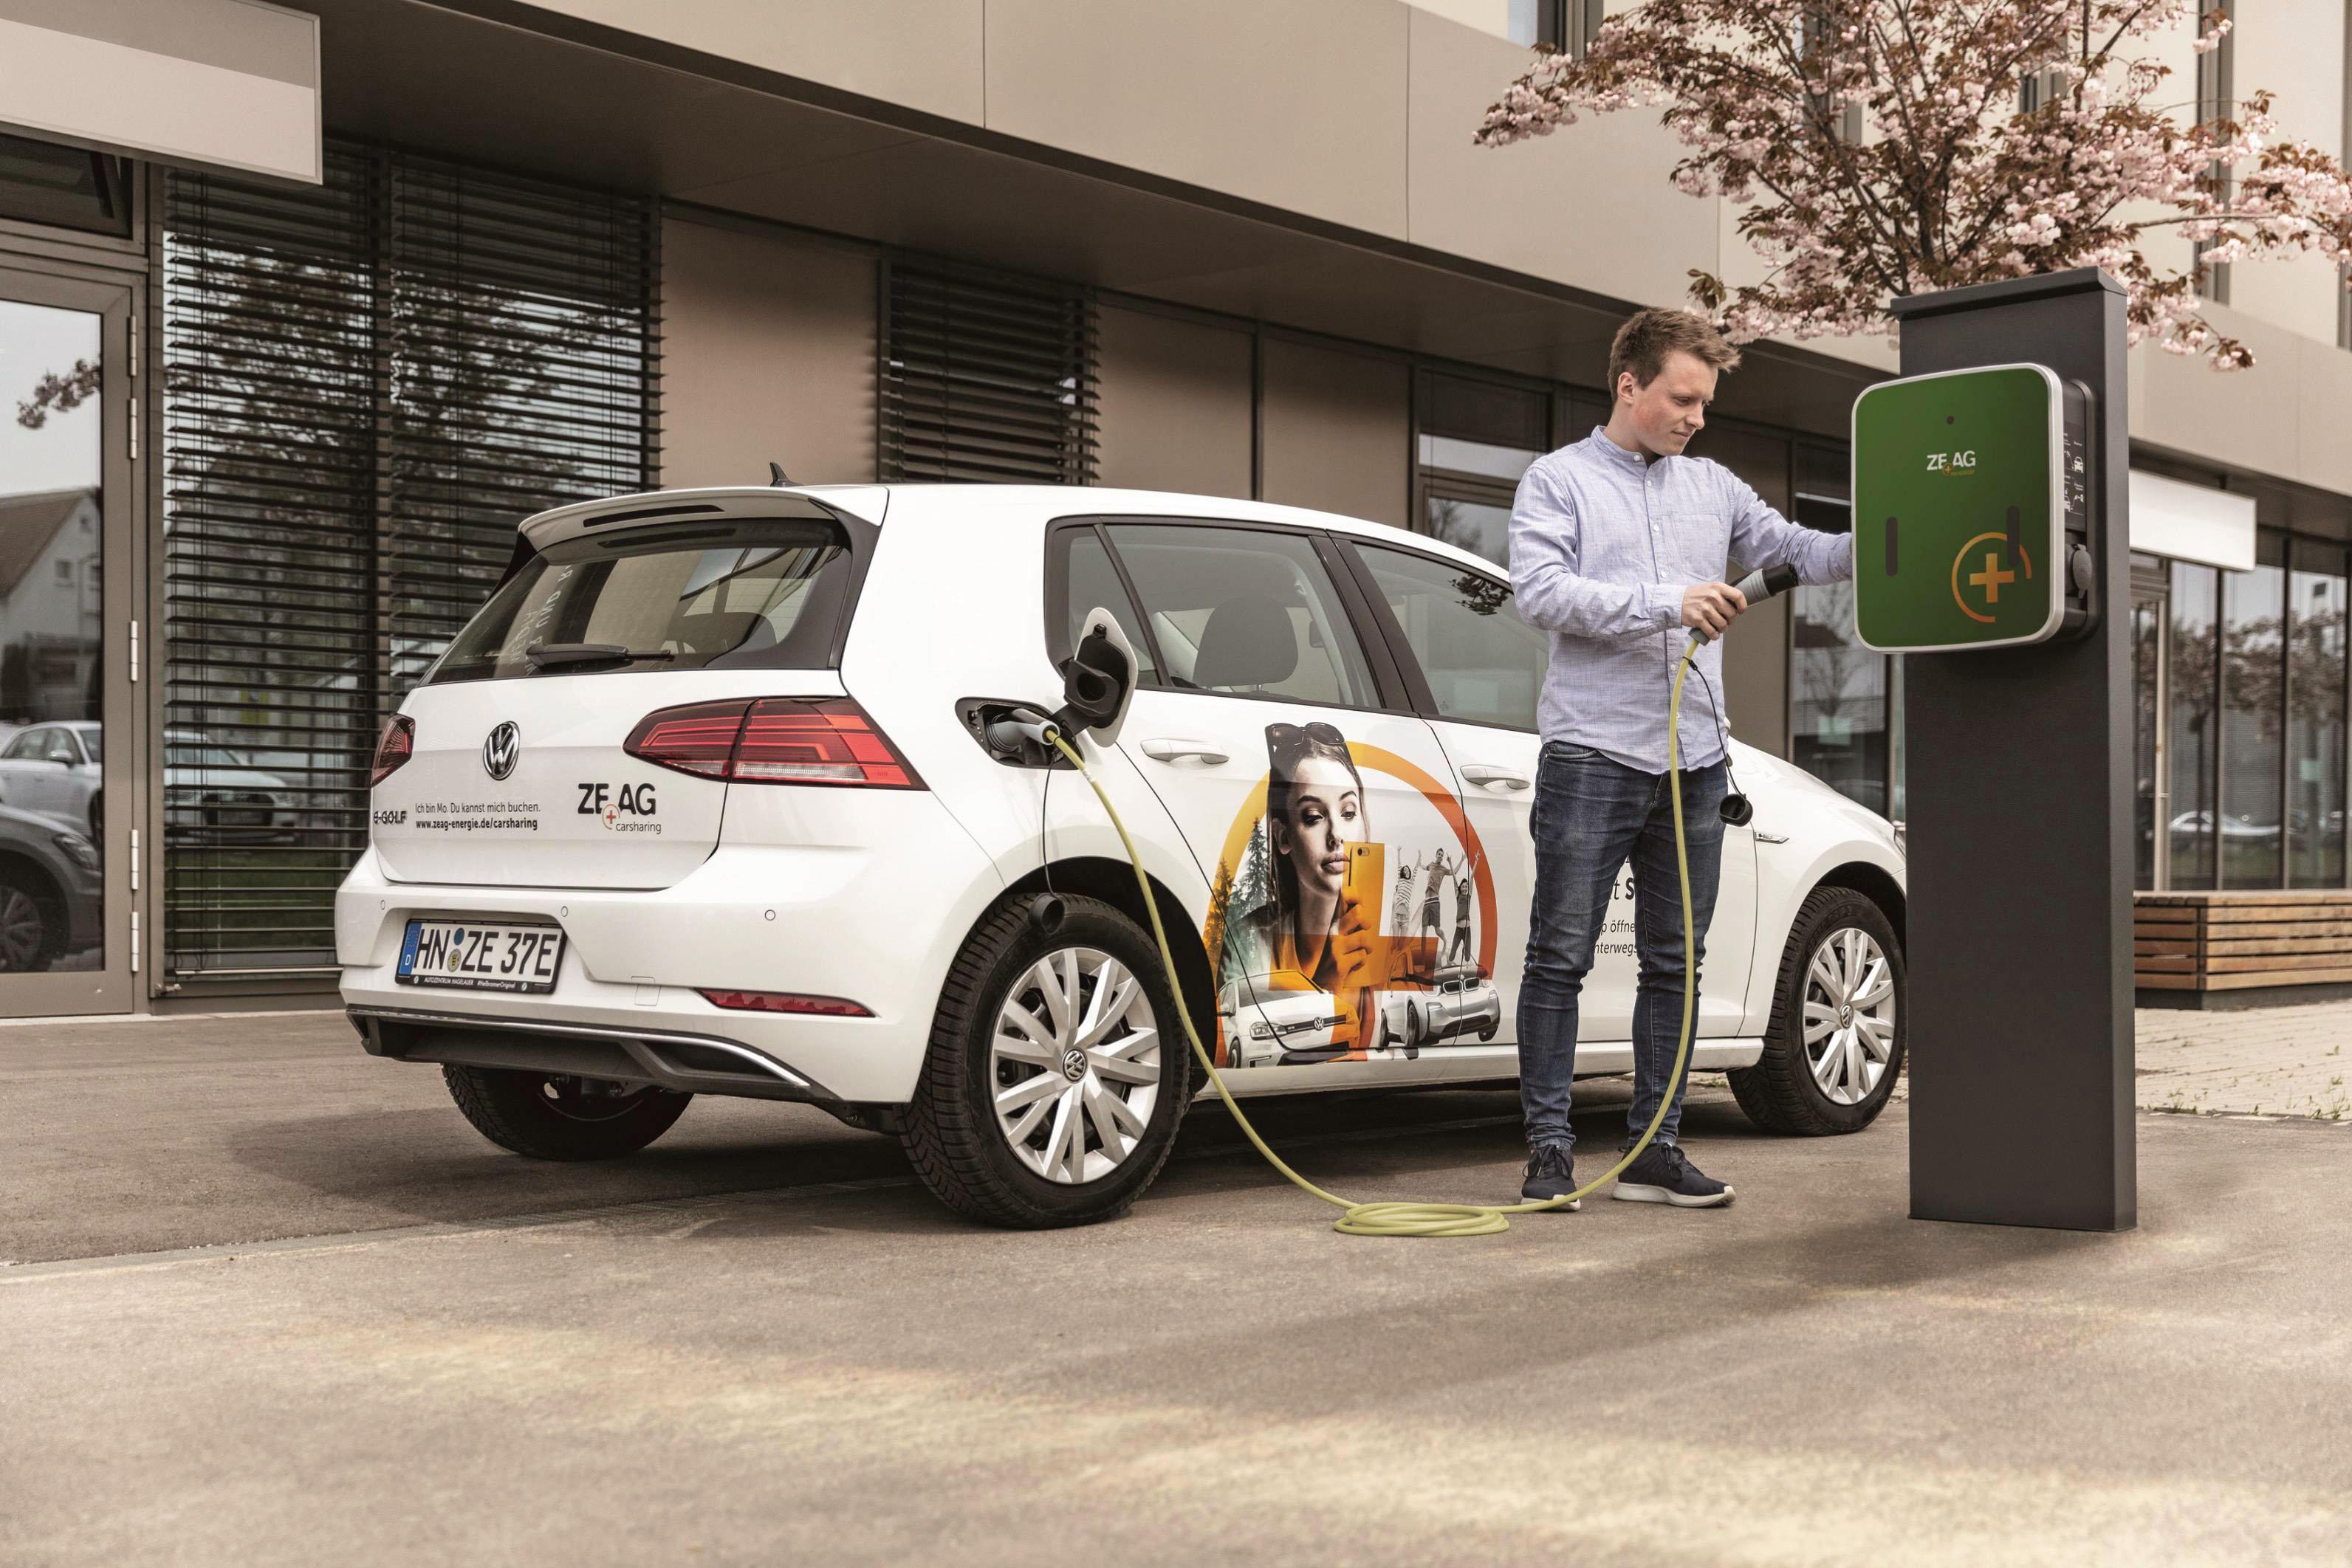 Mit einem Elektrofahrzeug unterwegs zu sein macht Spaß und ist einfacher, als man denkt. Das Zeag-Carsharing bietet die Möglichkeit, dies zu testen. Foto: Zeag